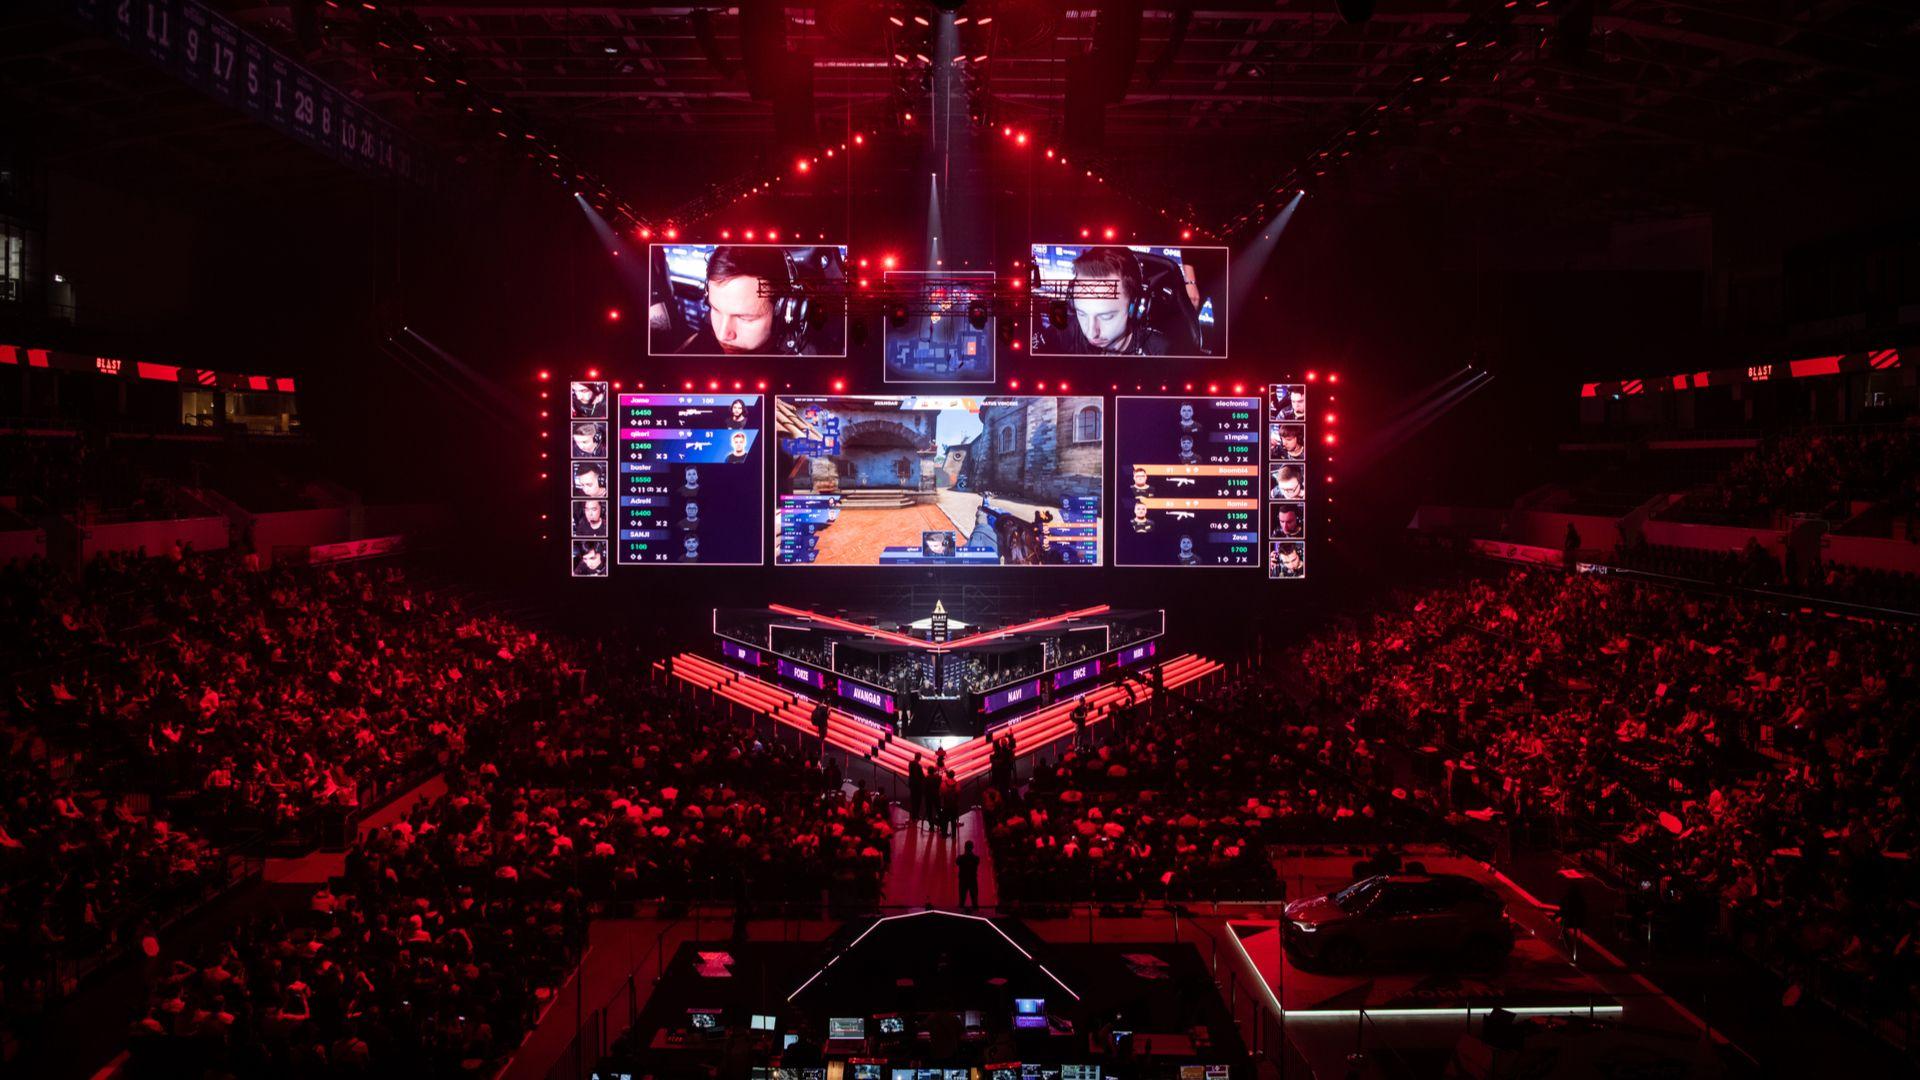 """Jogos competitivos têm torneios de esports com premiações milionárias. (Foto: Reprodução/Shutterstock/<a href=""""https://www.shutterstock.com/pt/g/RomanKos"""">Roman Kosolapov</a>)"""